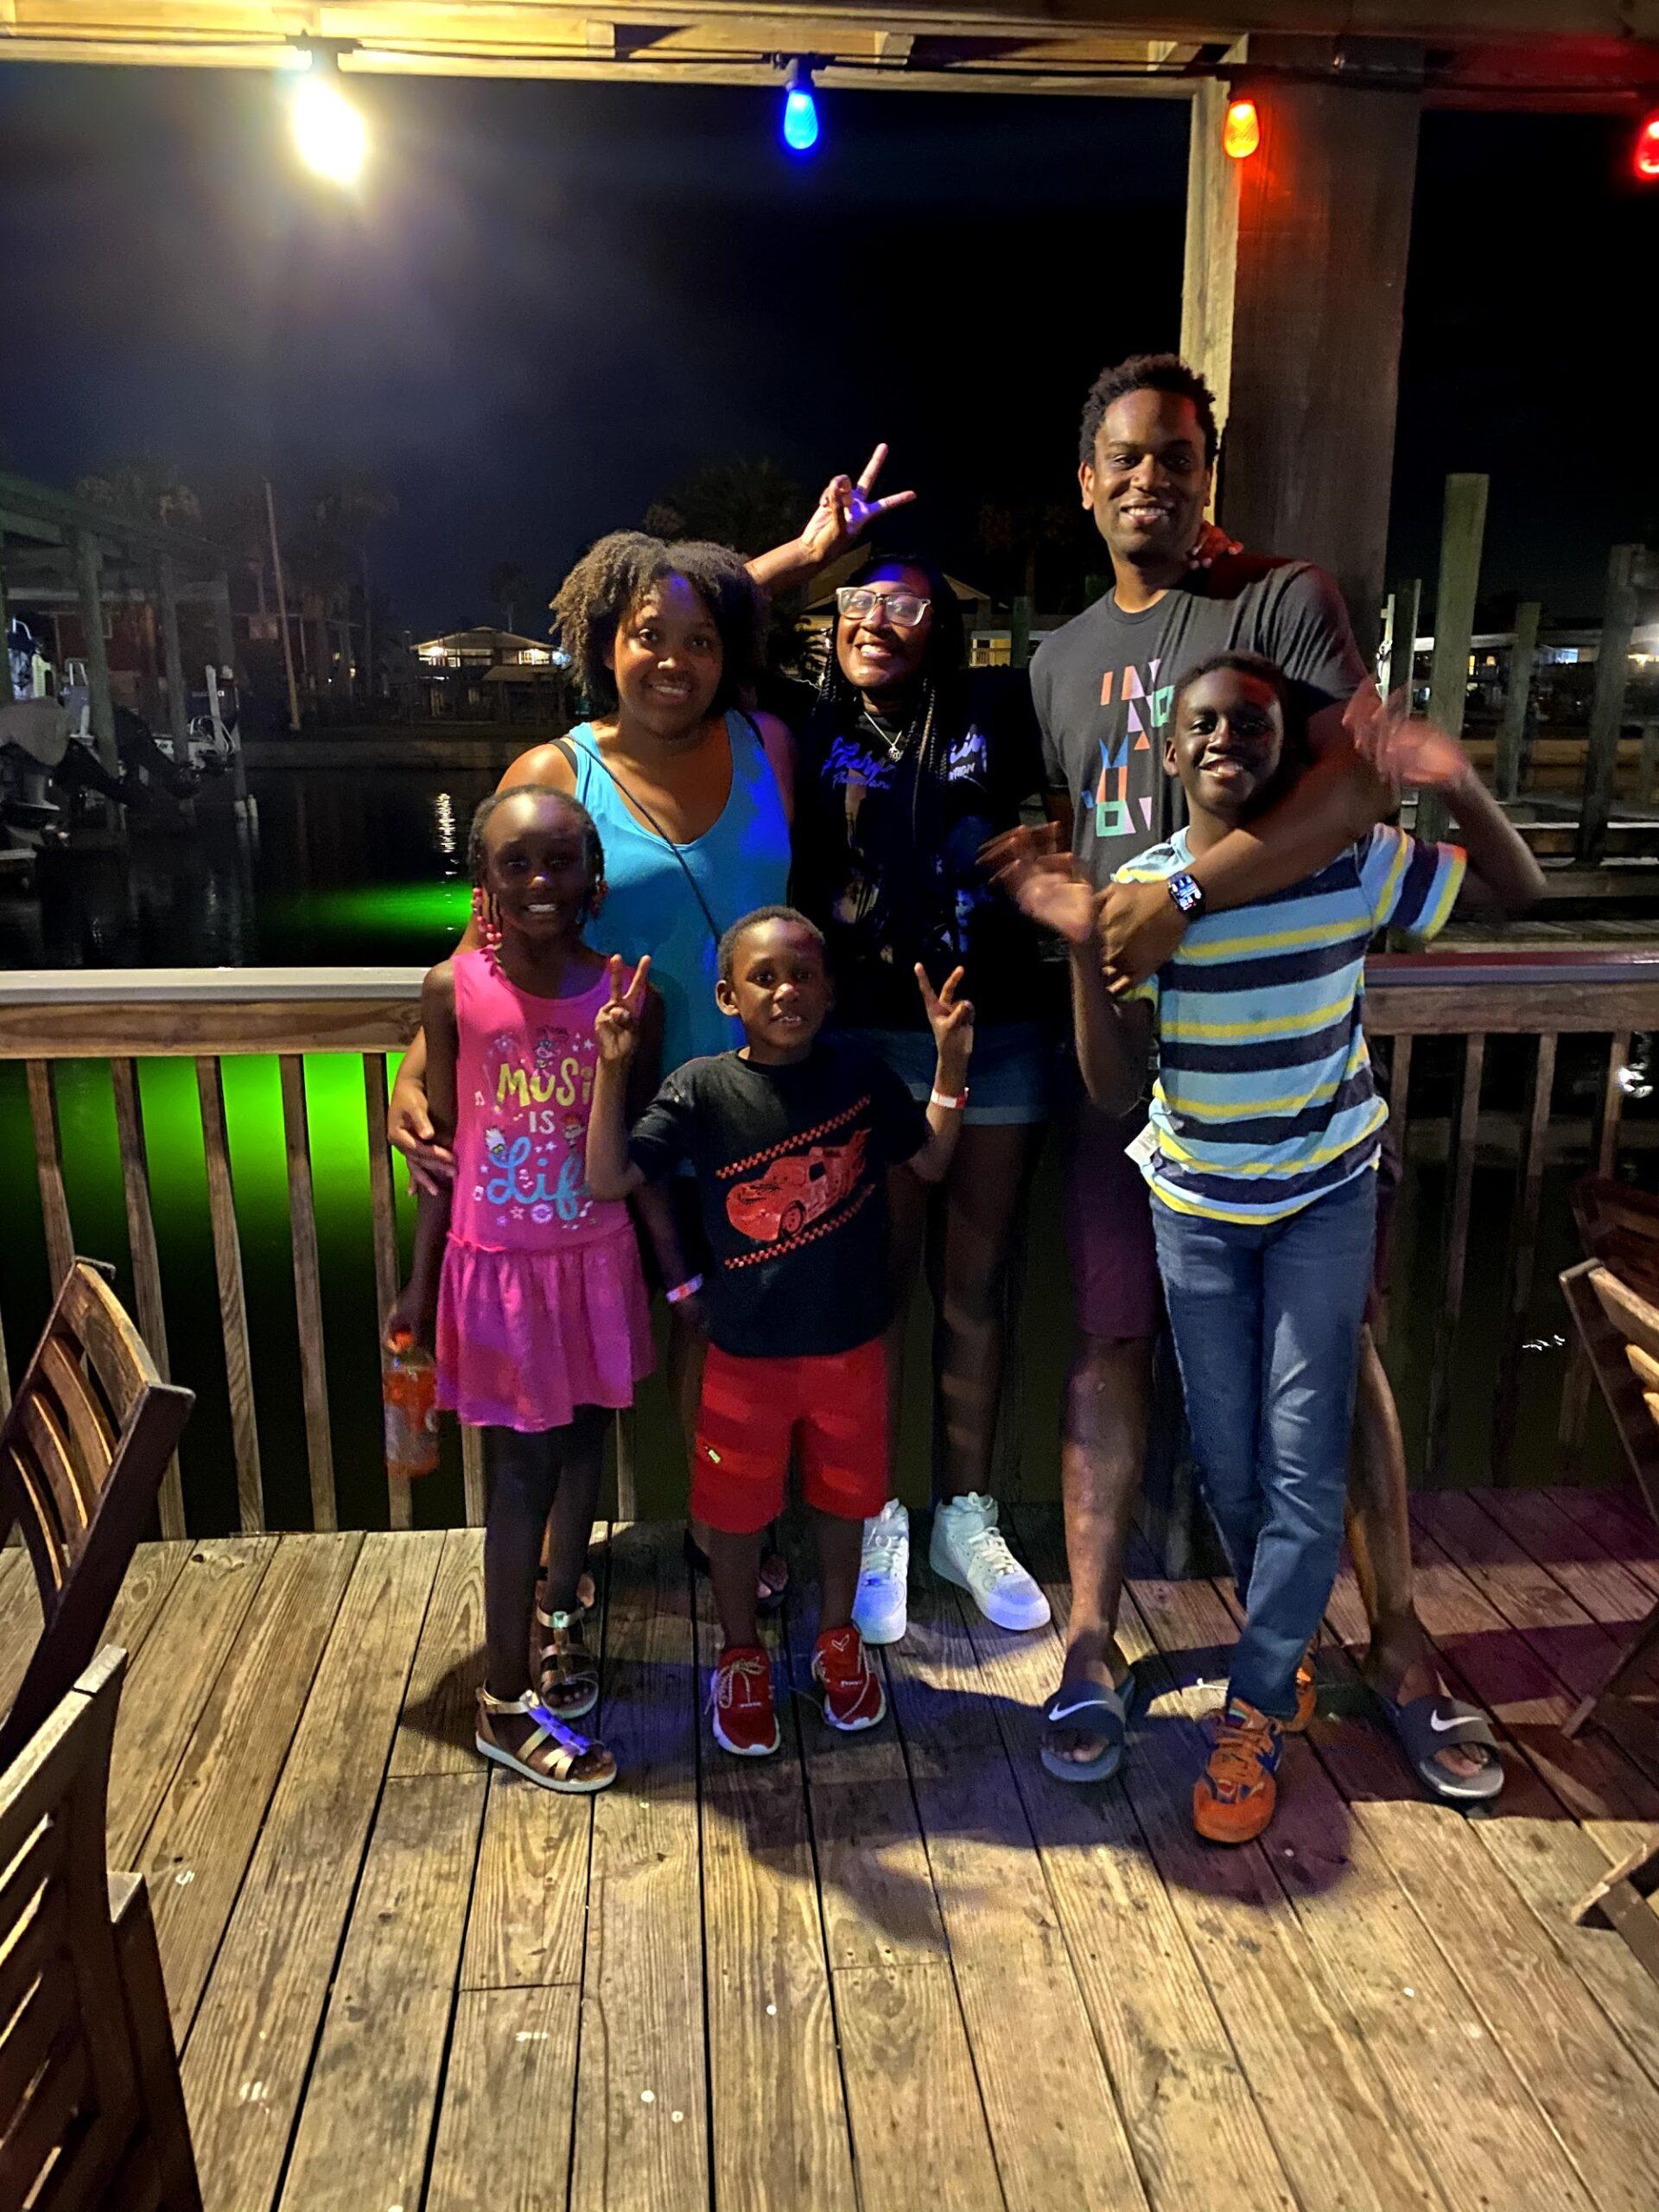 Hughes family photo